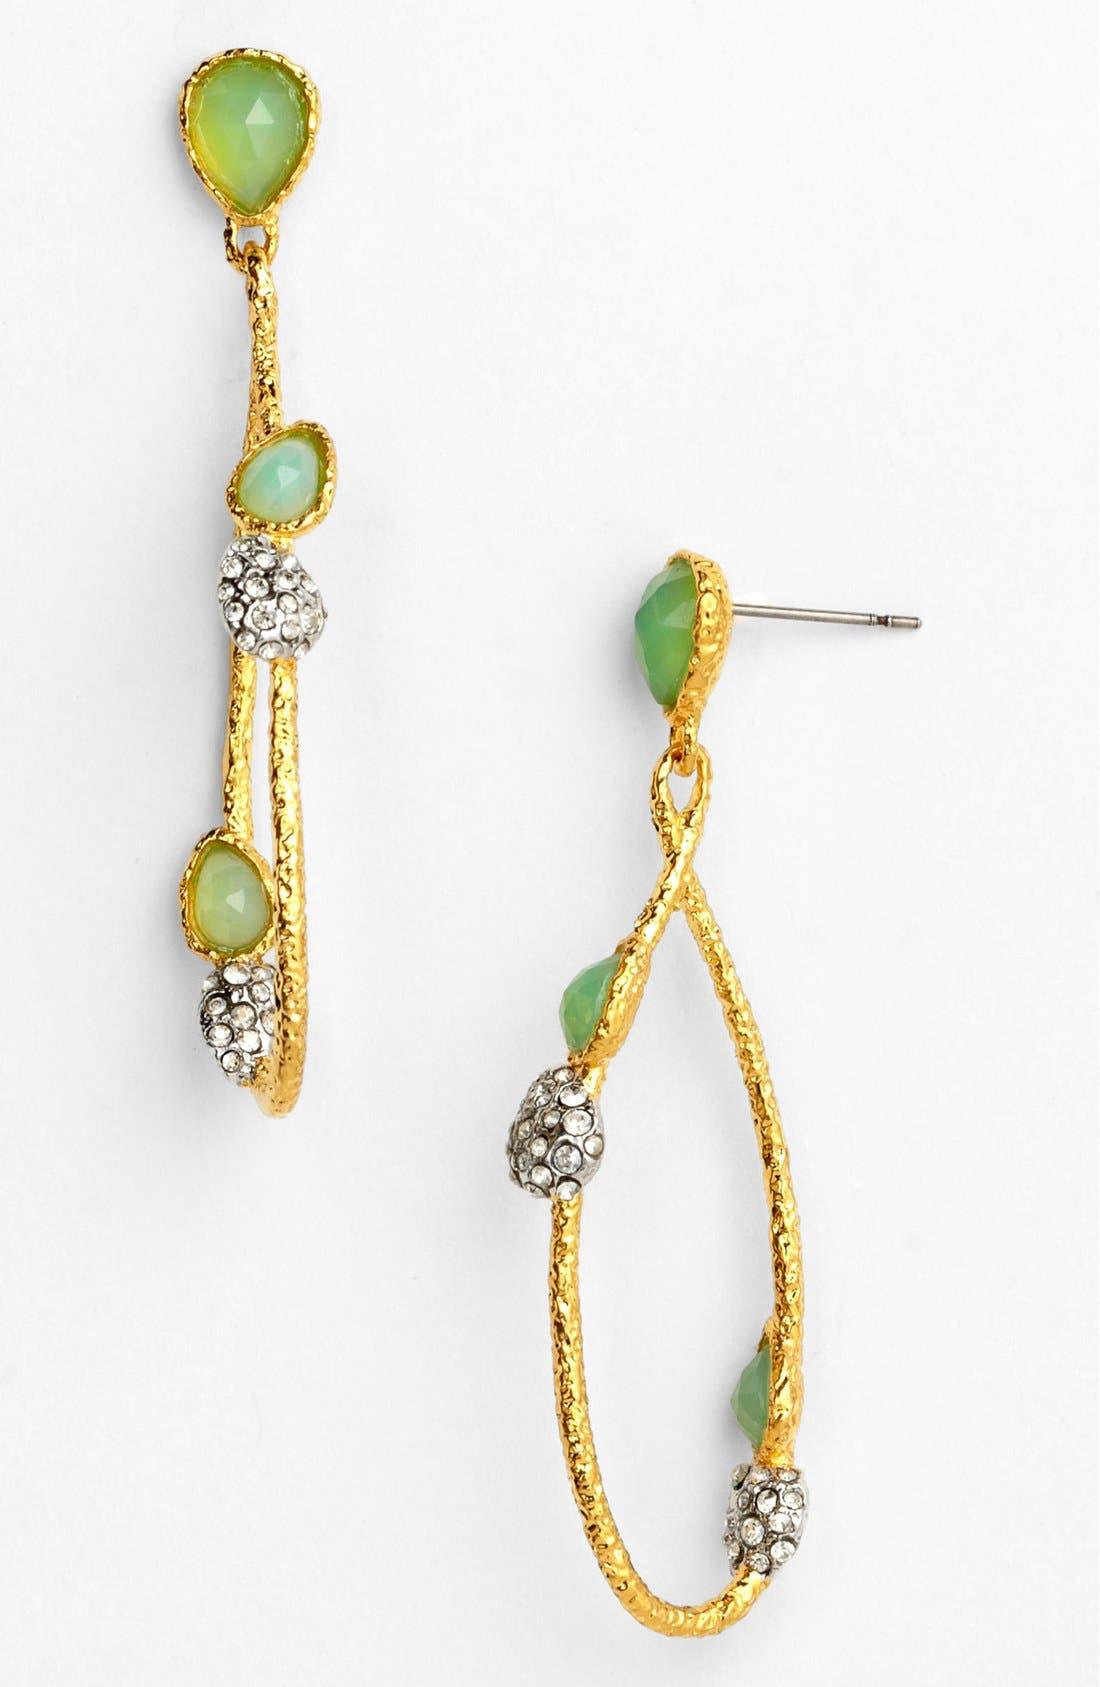 Alternate Image 1 Selected - Alexis Bittar 'Elements - Floral' Vine Teardrop Earrings (Nordstrom Exclusive)